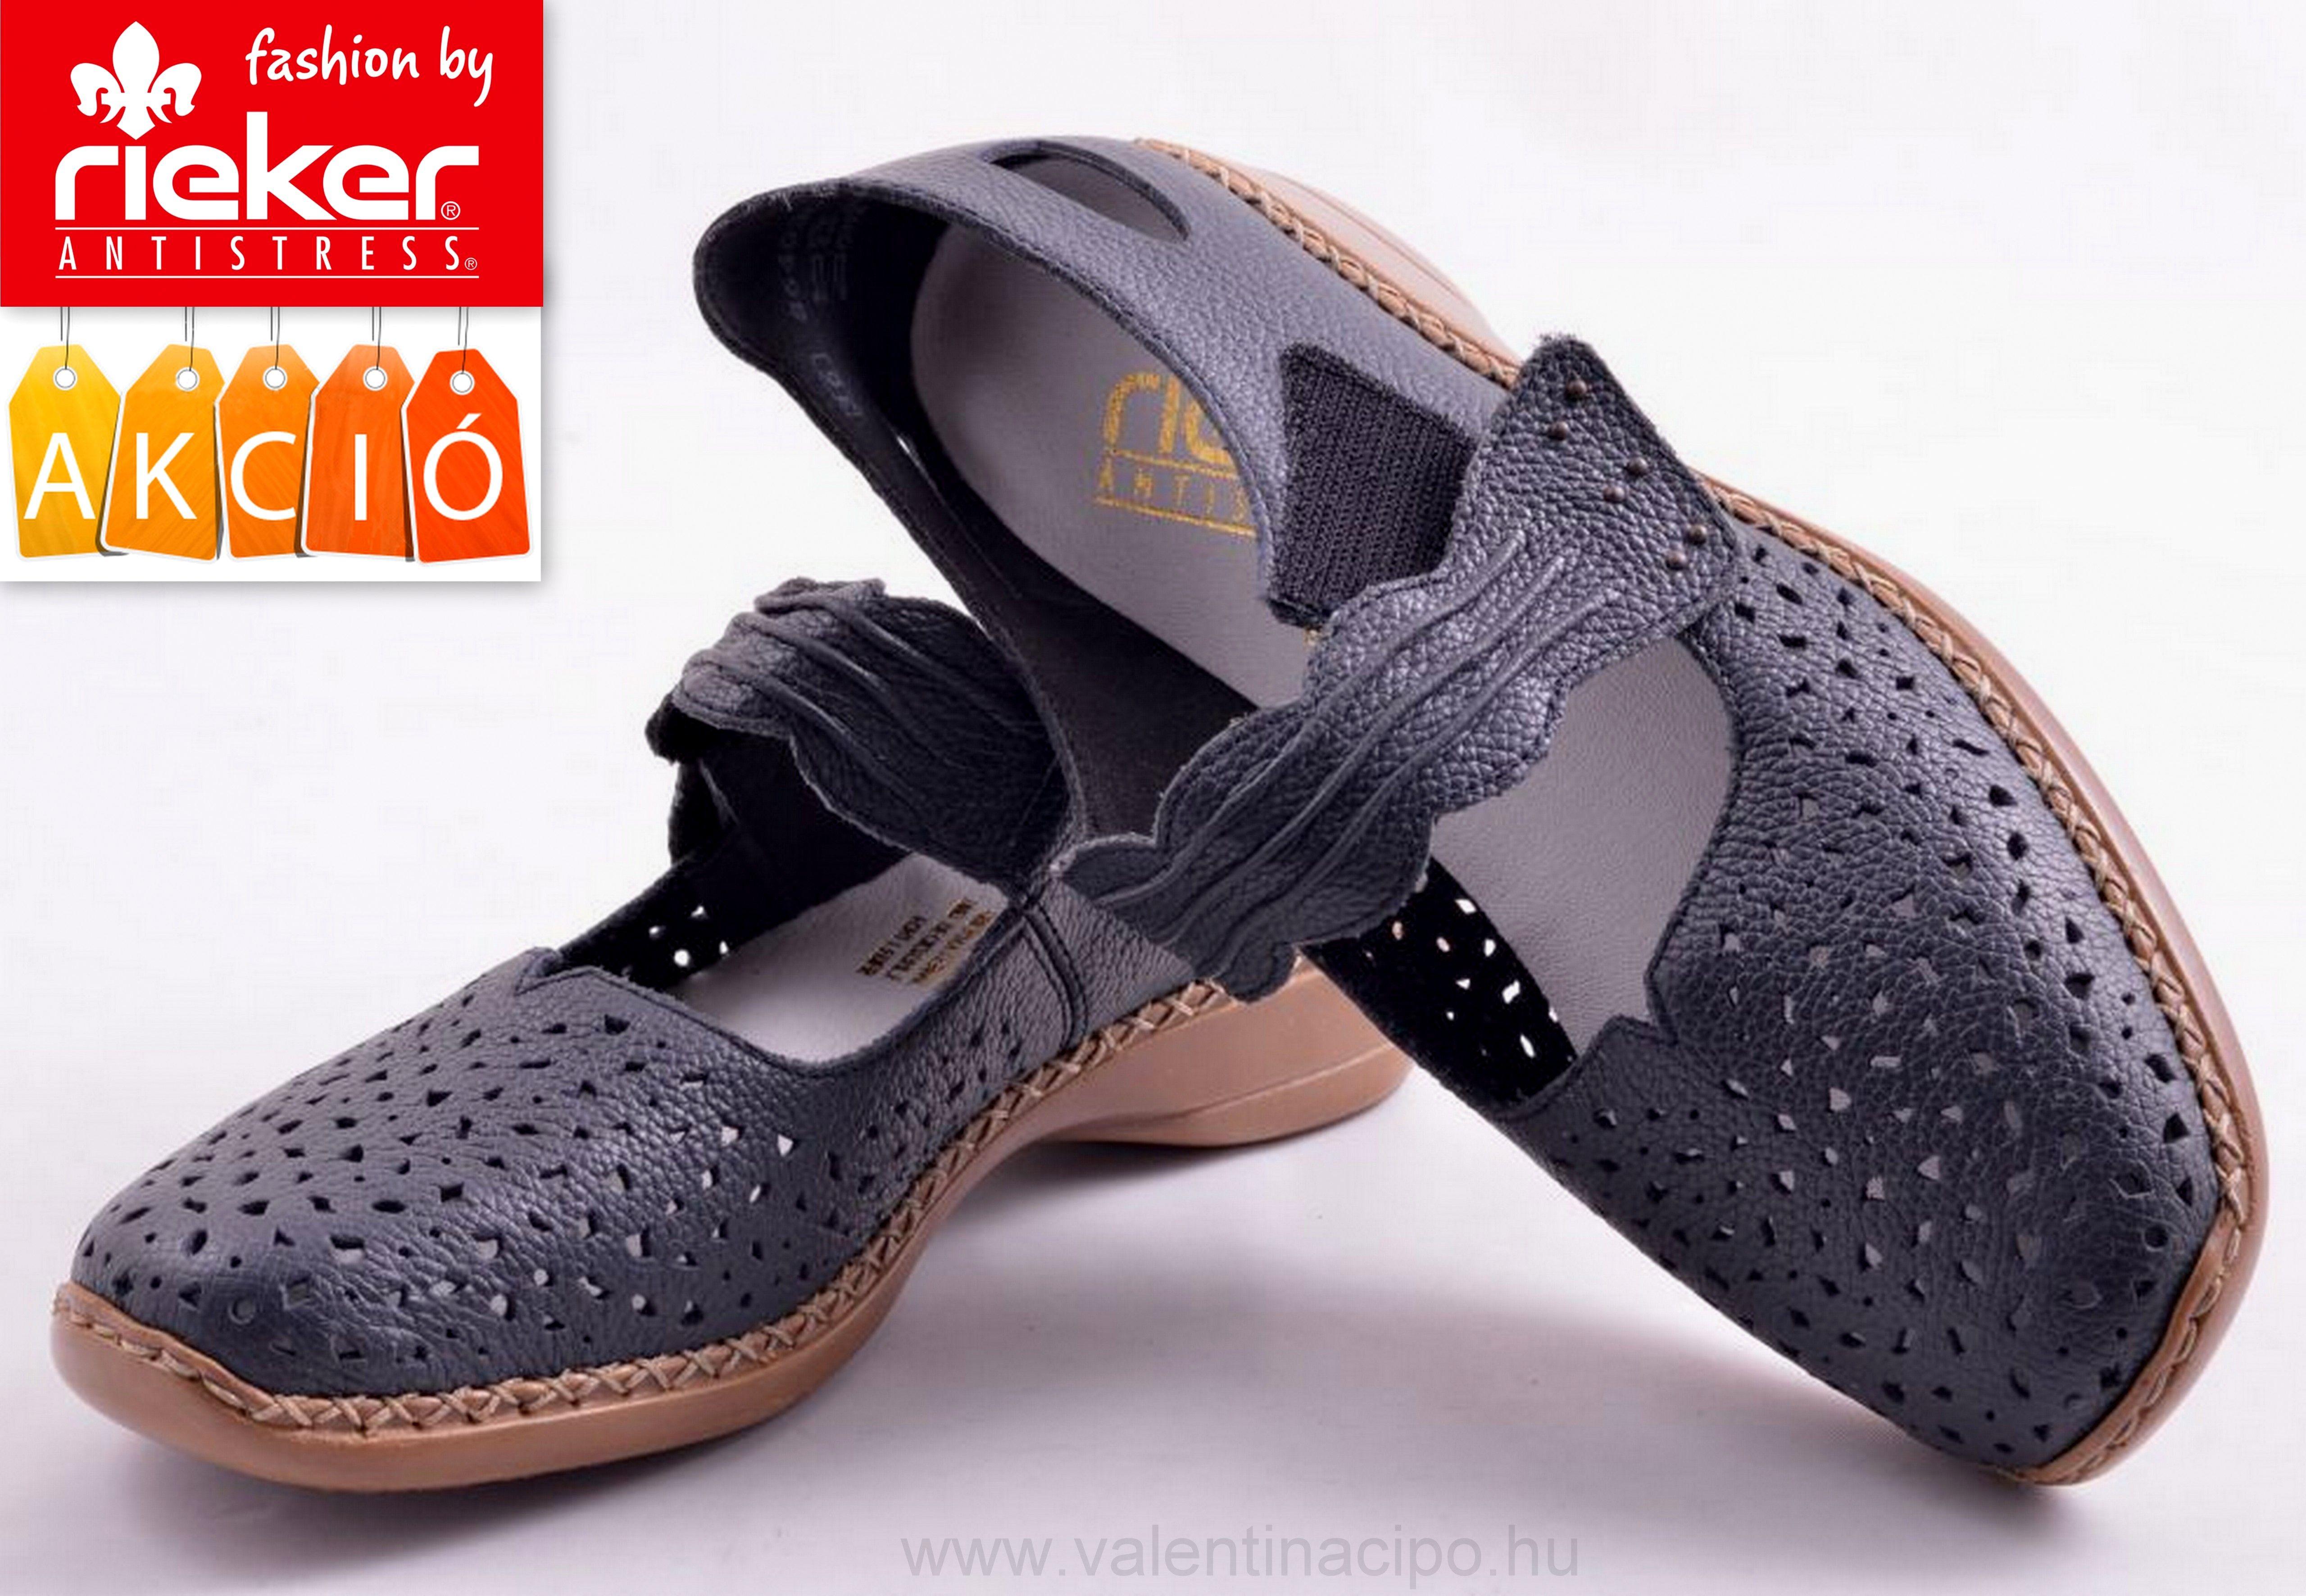 0fb75078ec Akciós Rieker női lyukacsos félcipő a nyár végi napokra! A Valentina  Cipőboltokban egyszerűen vásárolhat vagy